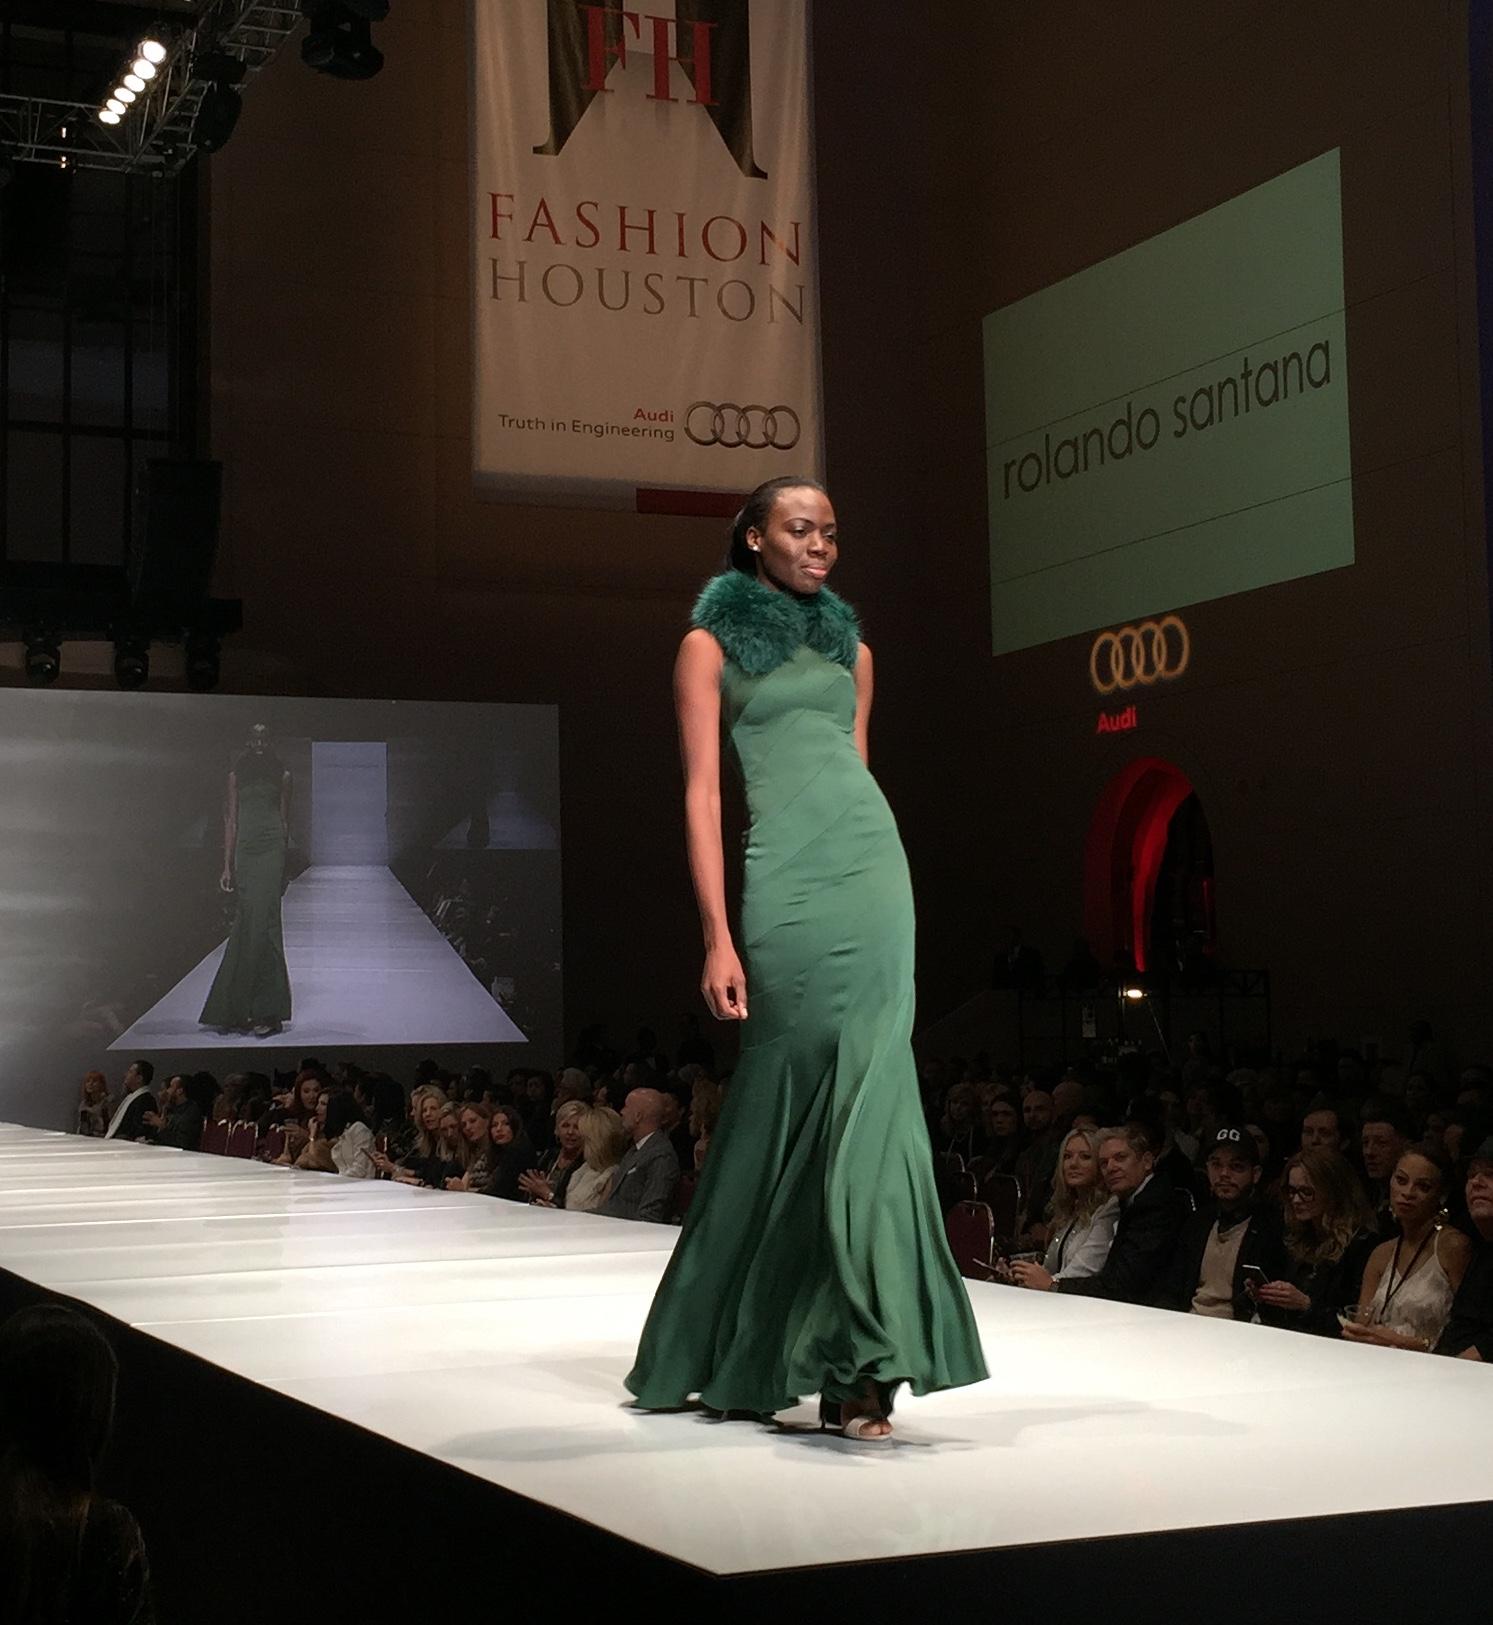 Fashion house in houston 90